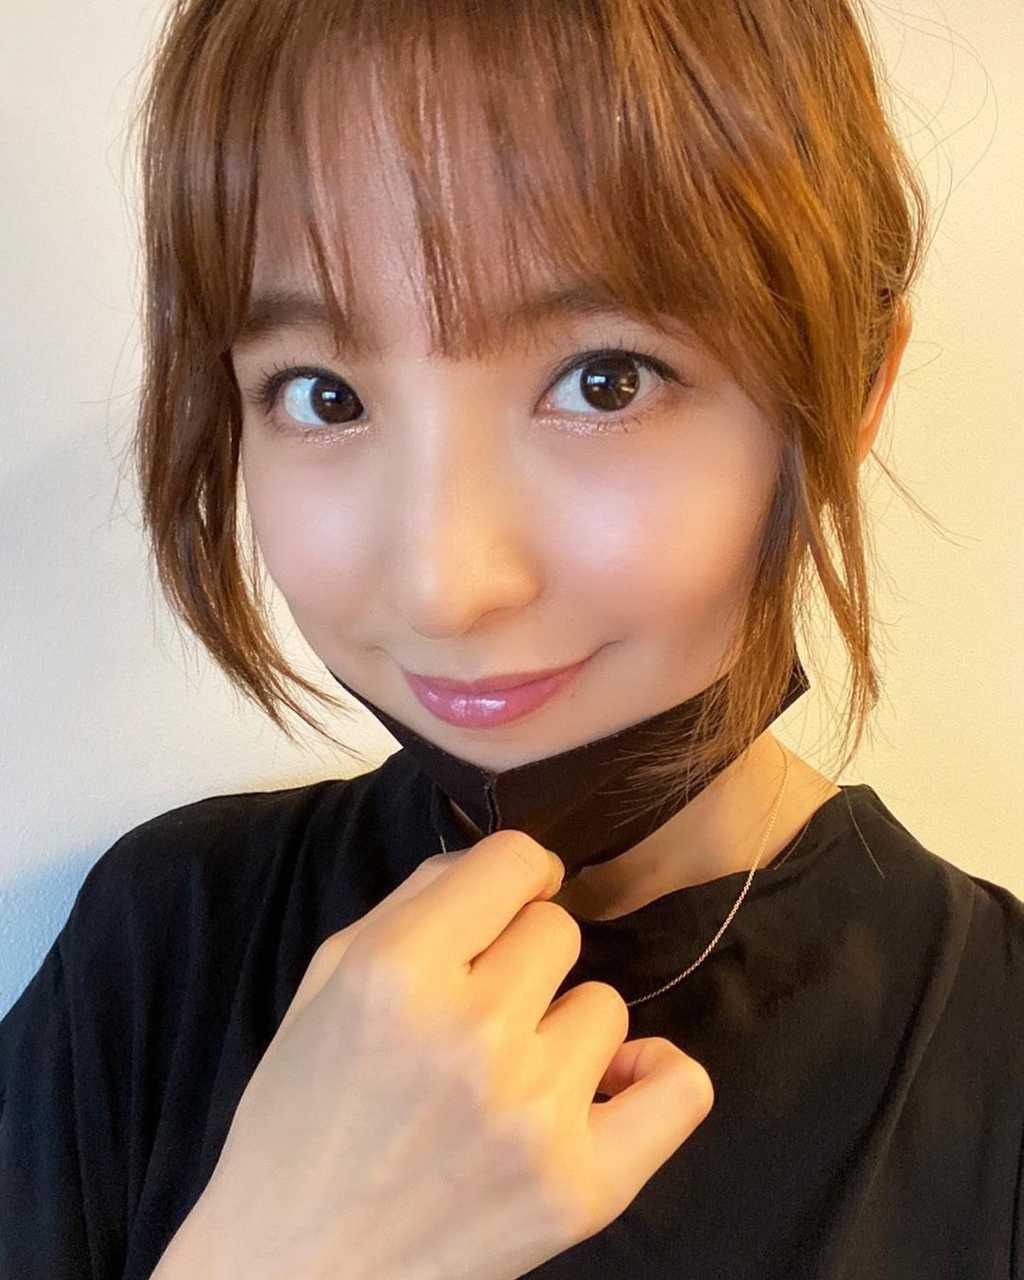 篠田麻里子・佐々木希舞台メイクでポージング!2人揃ってサザエさんヘア?!